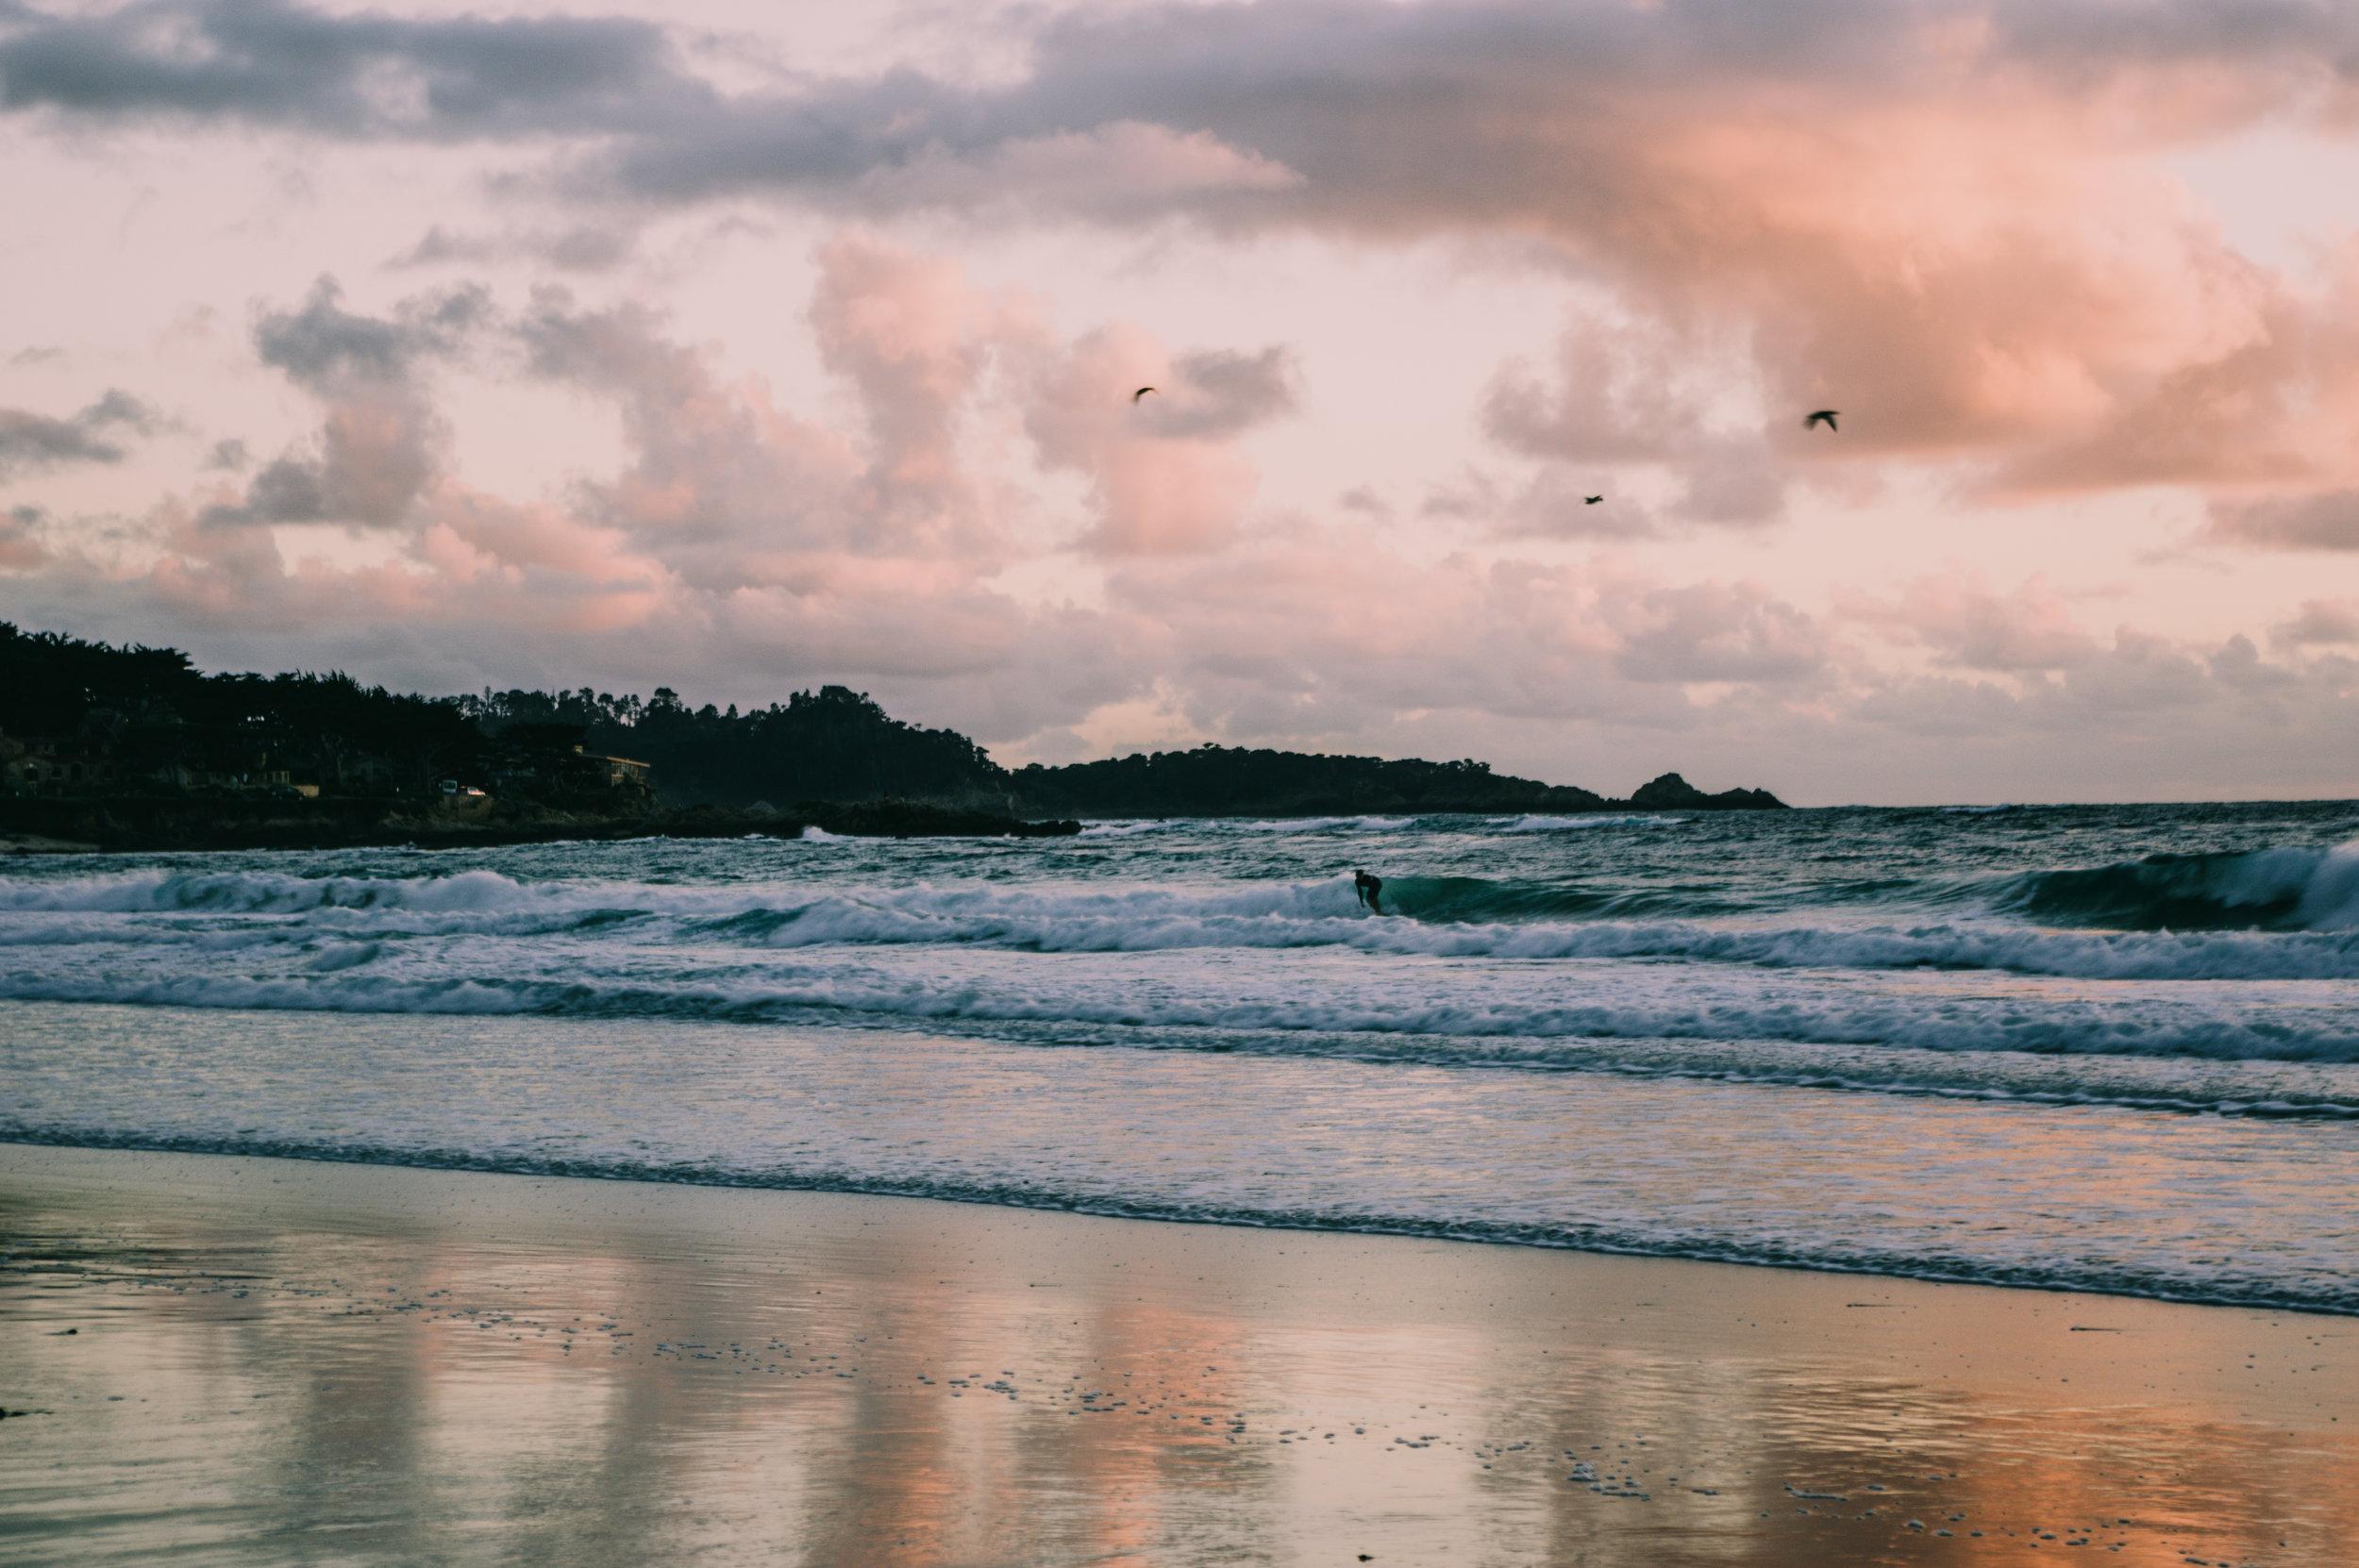 Carmel-by-the-Sea, CA